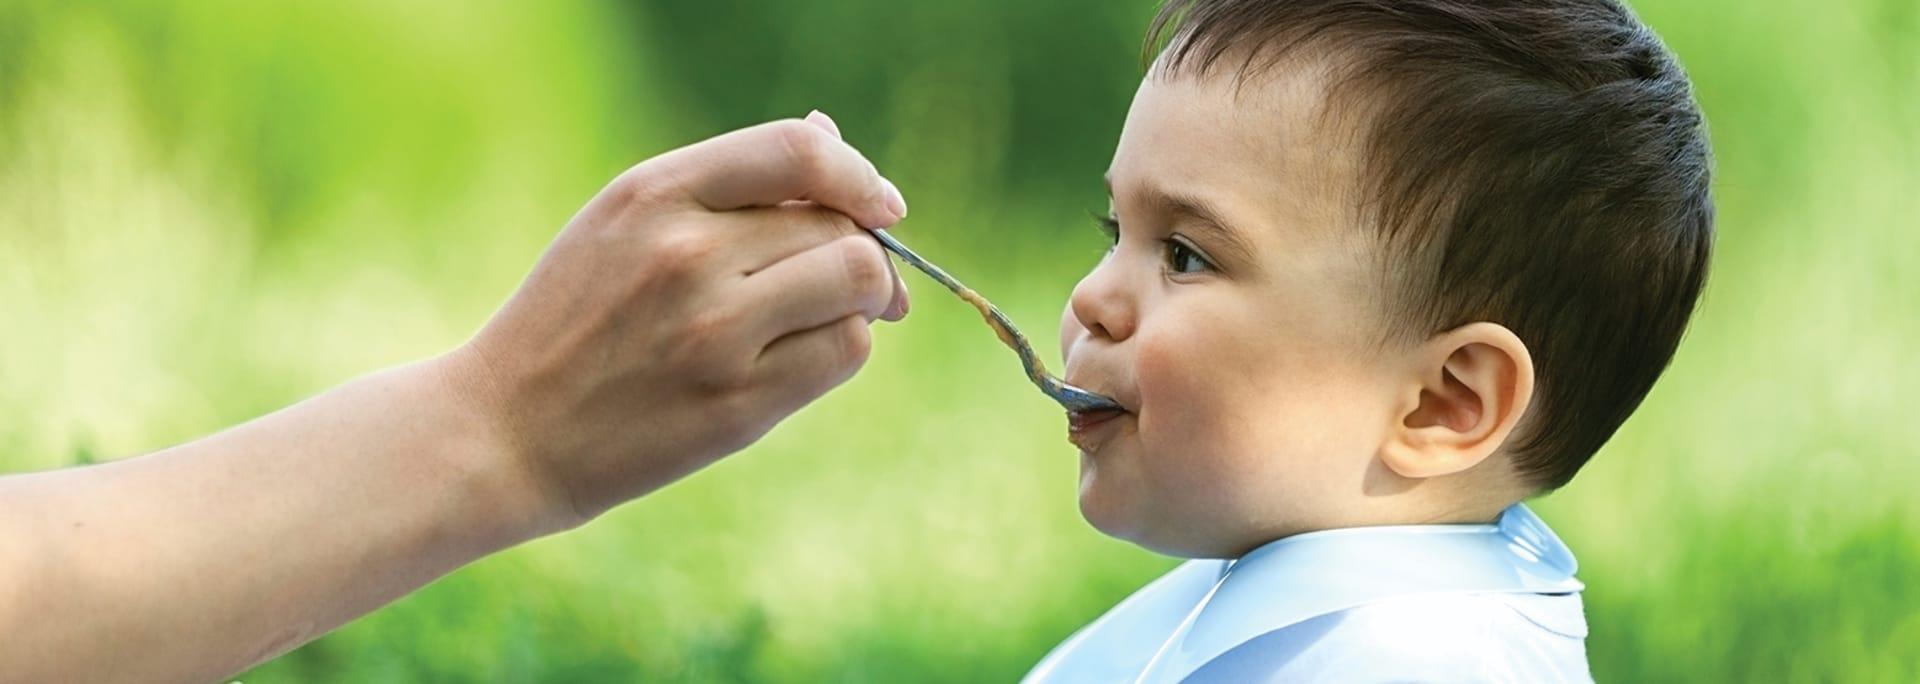 Bebis äter mat - från Semper Barnmat